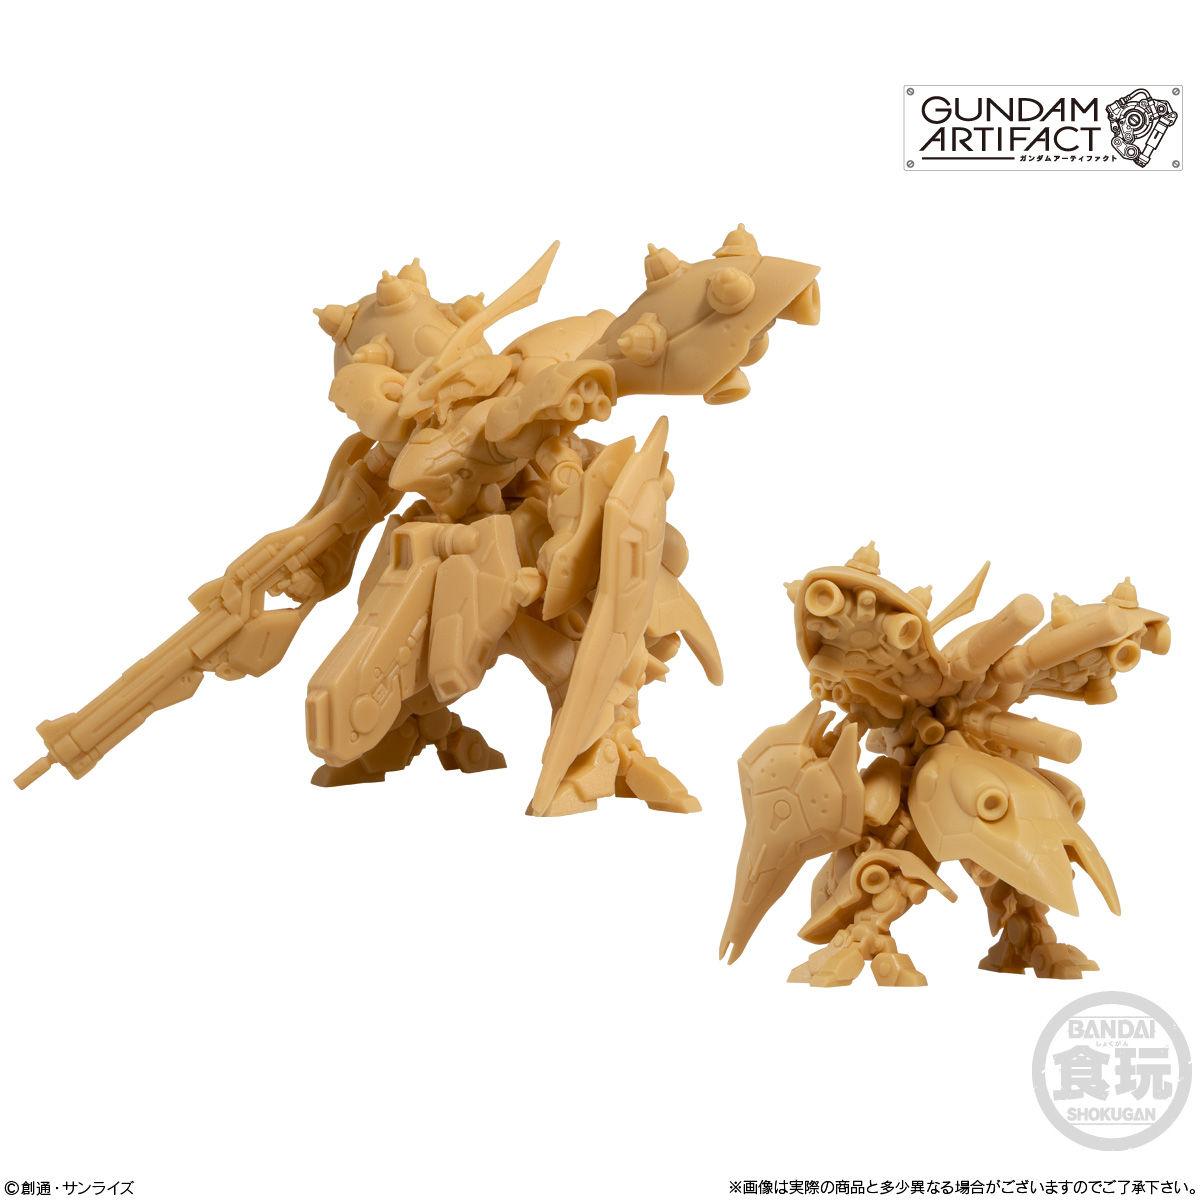 【食玩】機動戦士ガンダム『ガンダムアーティファクト』プラ製ミニキット 10個入りBOX-006